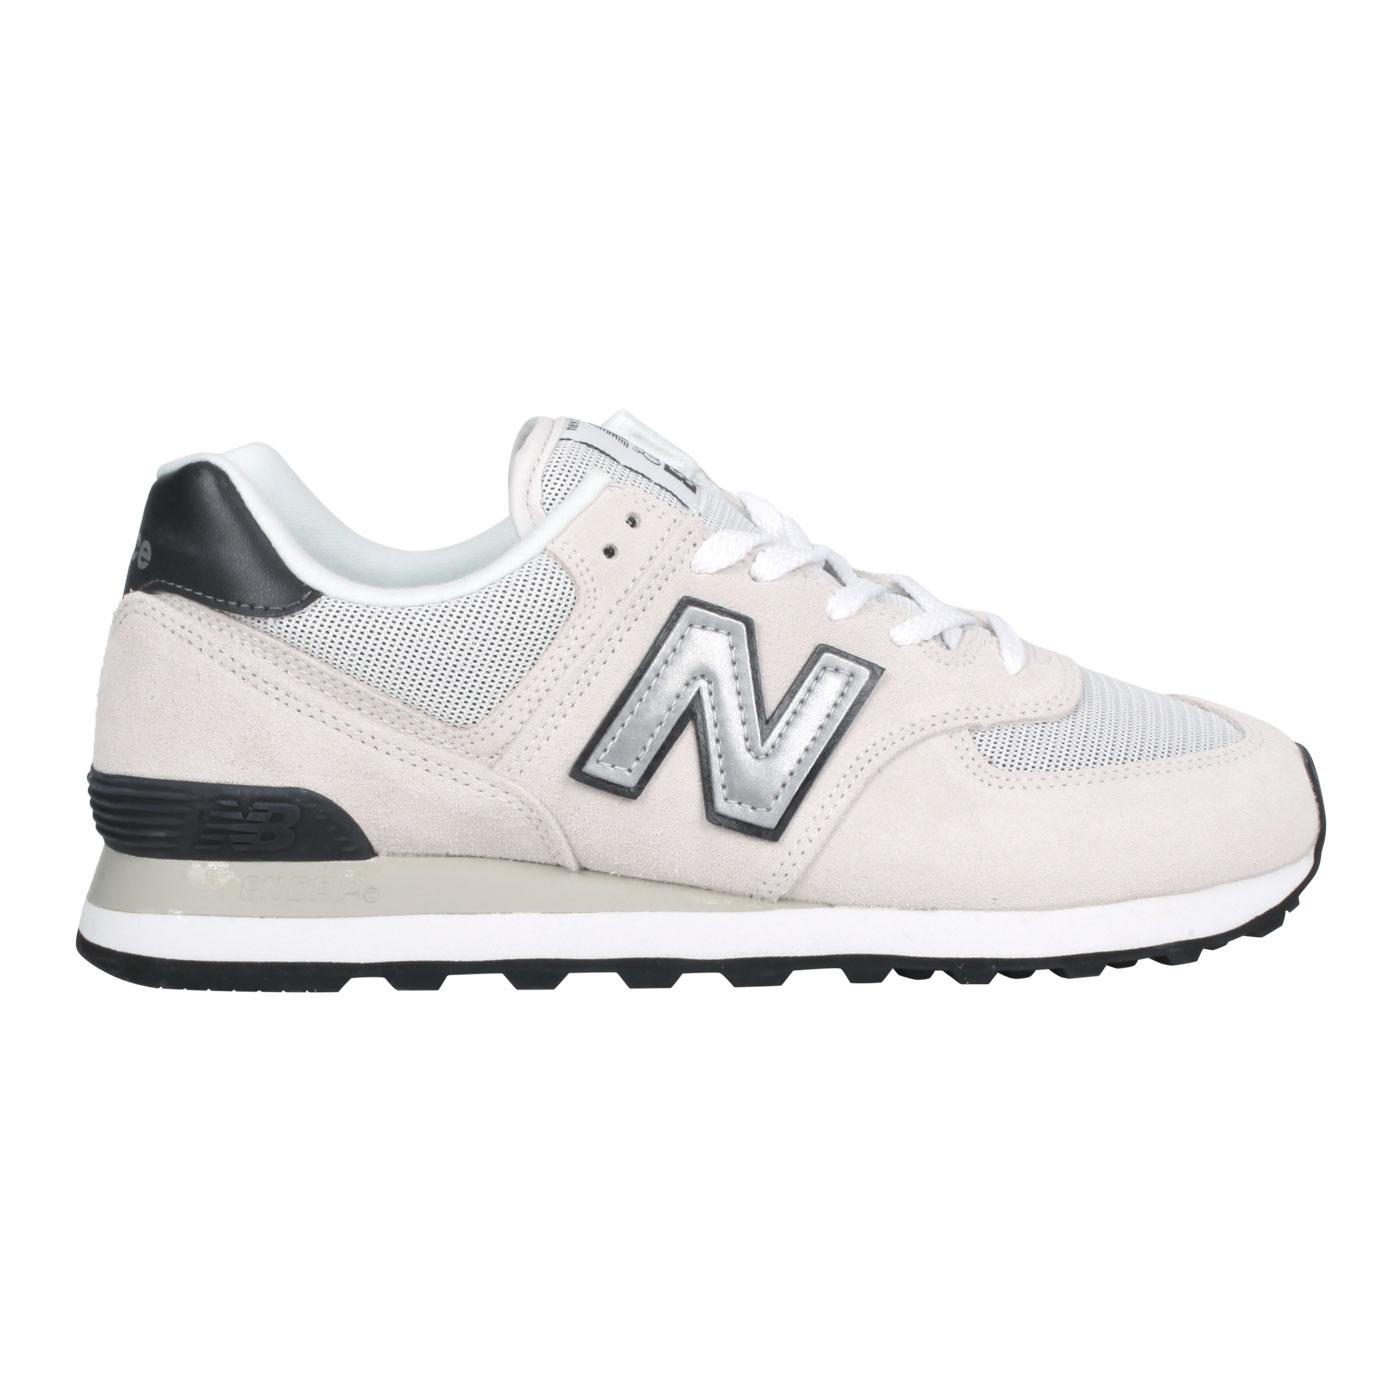 NEW BALANCE 男款運動休閒鞋 ML574BH2 - 白灰黑